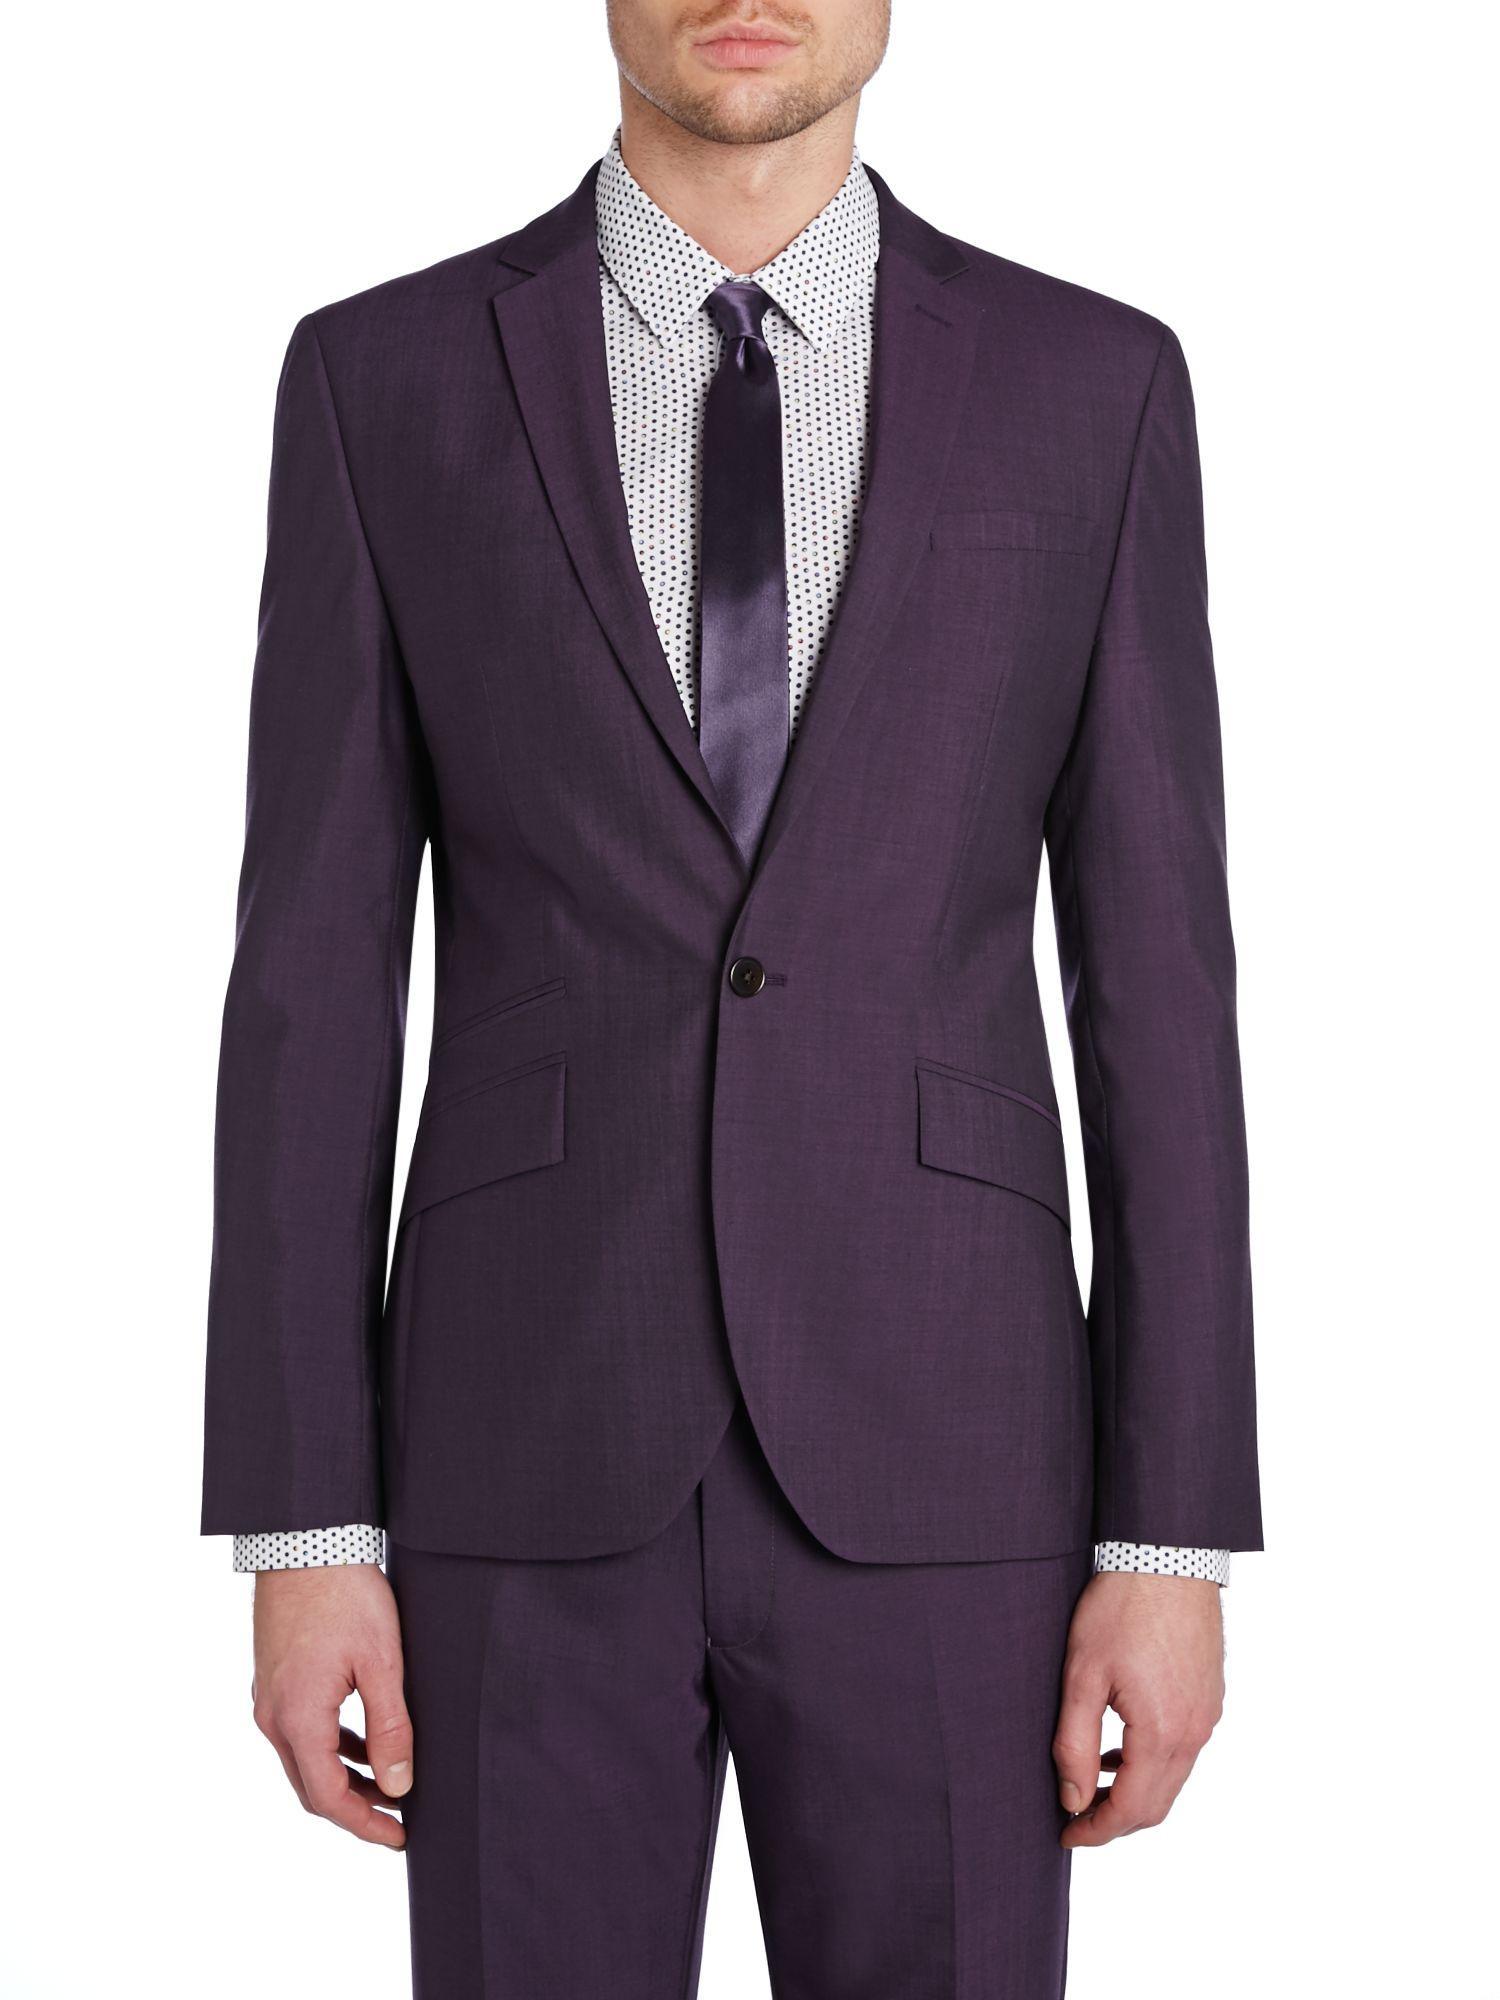 Kenneth Cole Wool Earl Slim Fit Notch Lapel Suit Jacket in Dark Purple (Purple) for Men